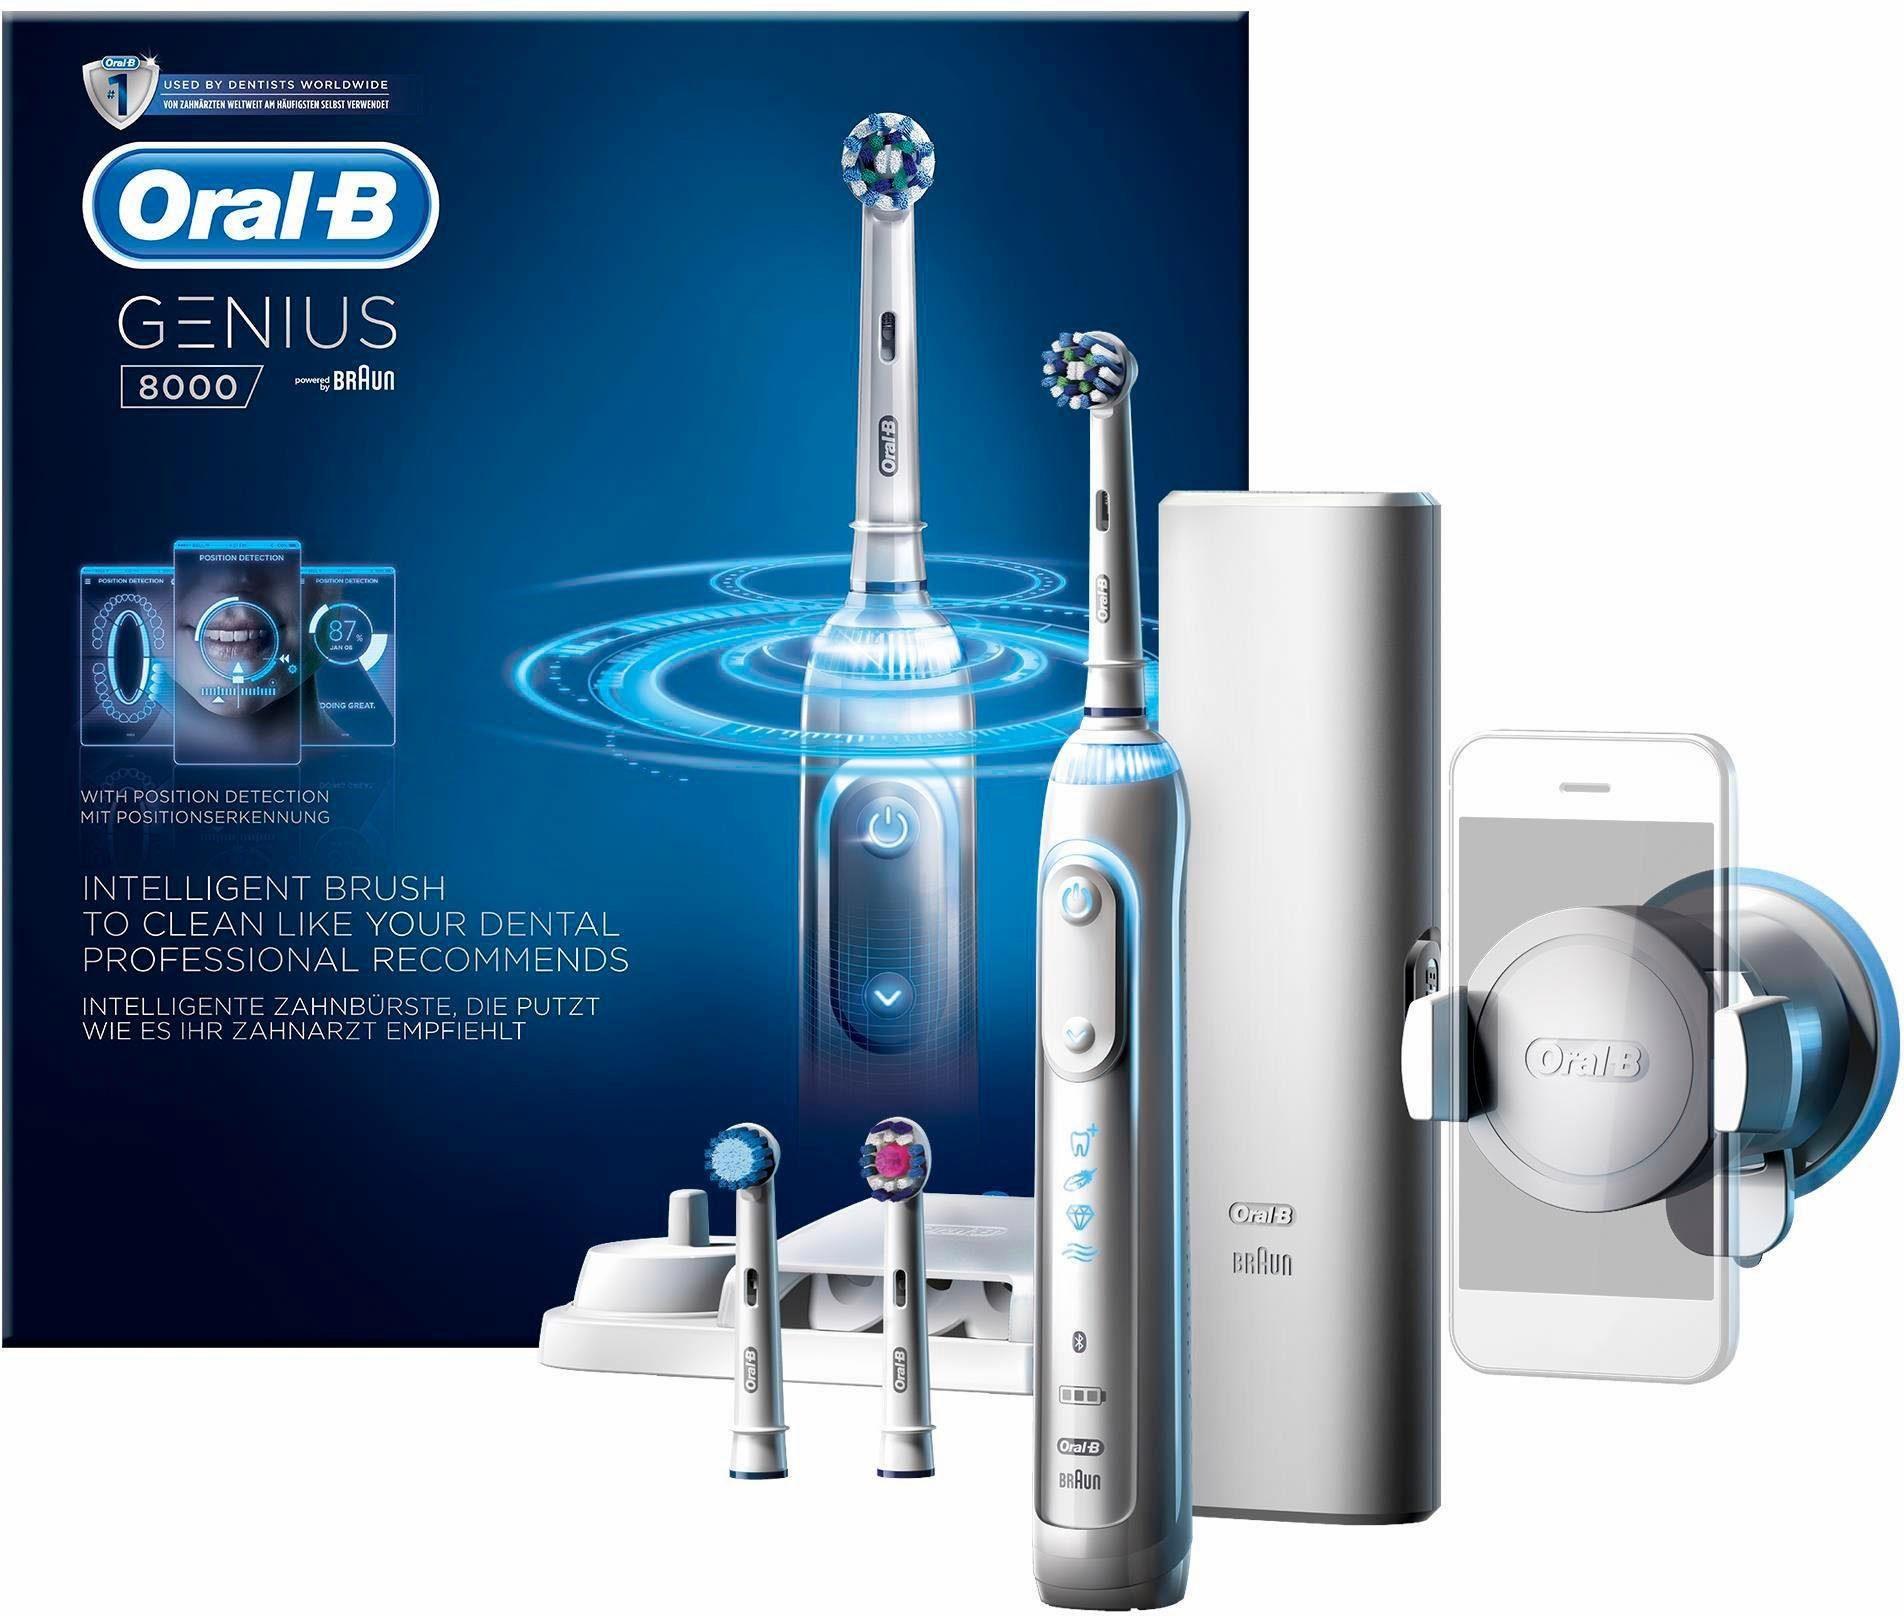 Oral-B Elektrische Zahnbürste Genius 8000, Powered By Braun